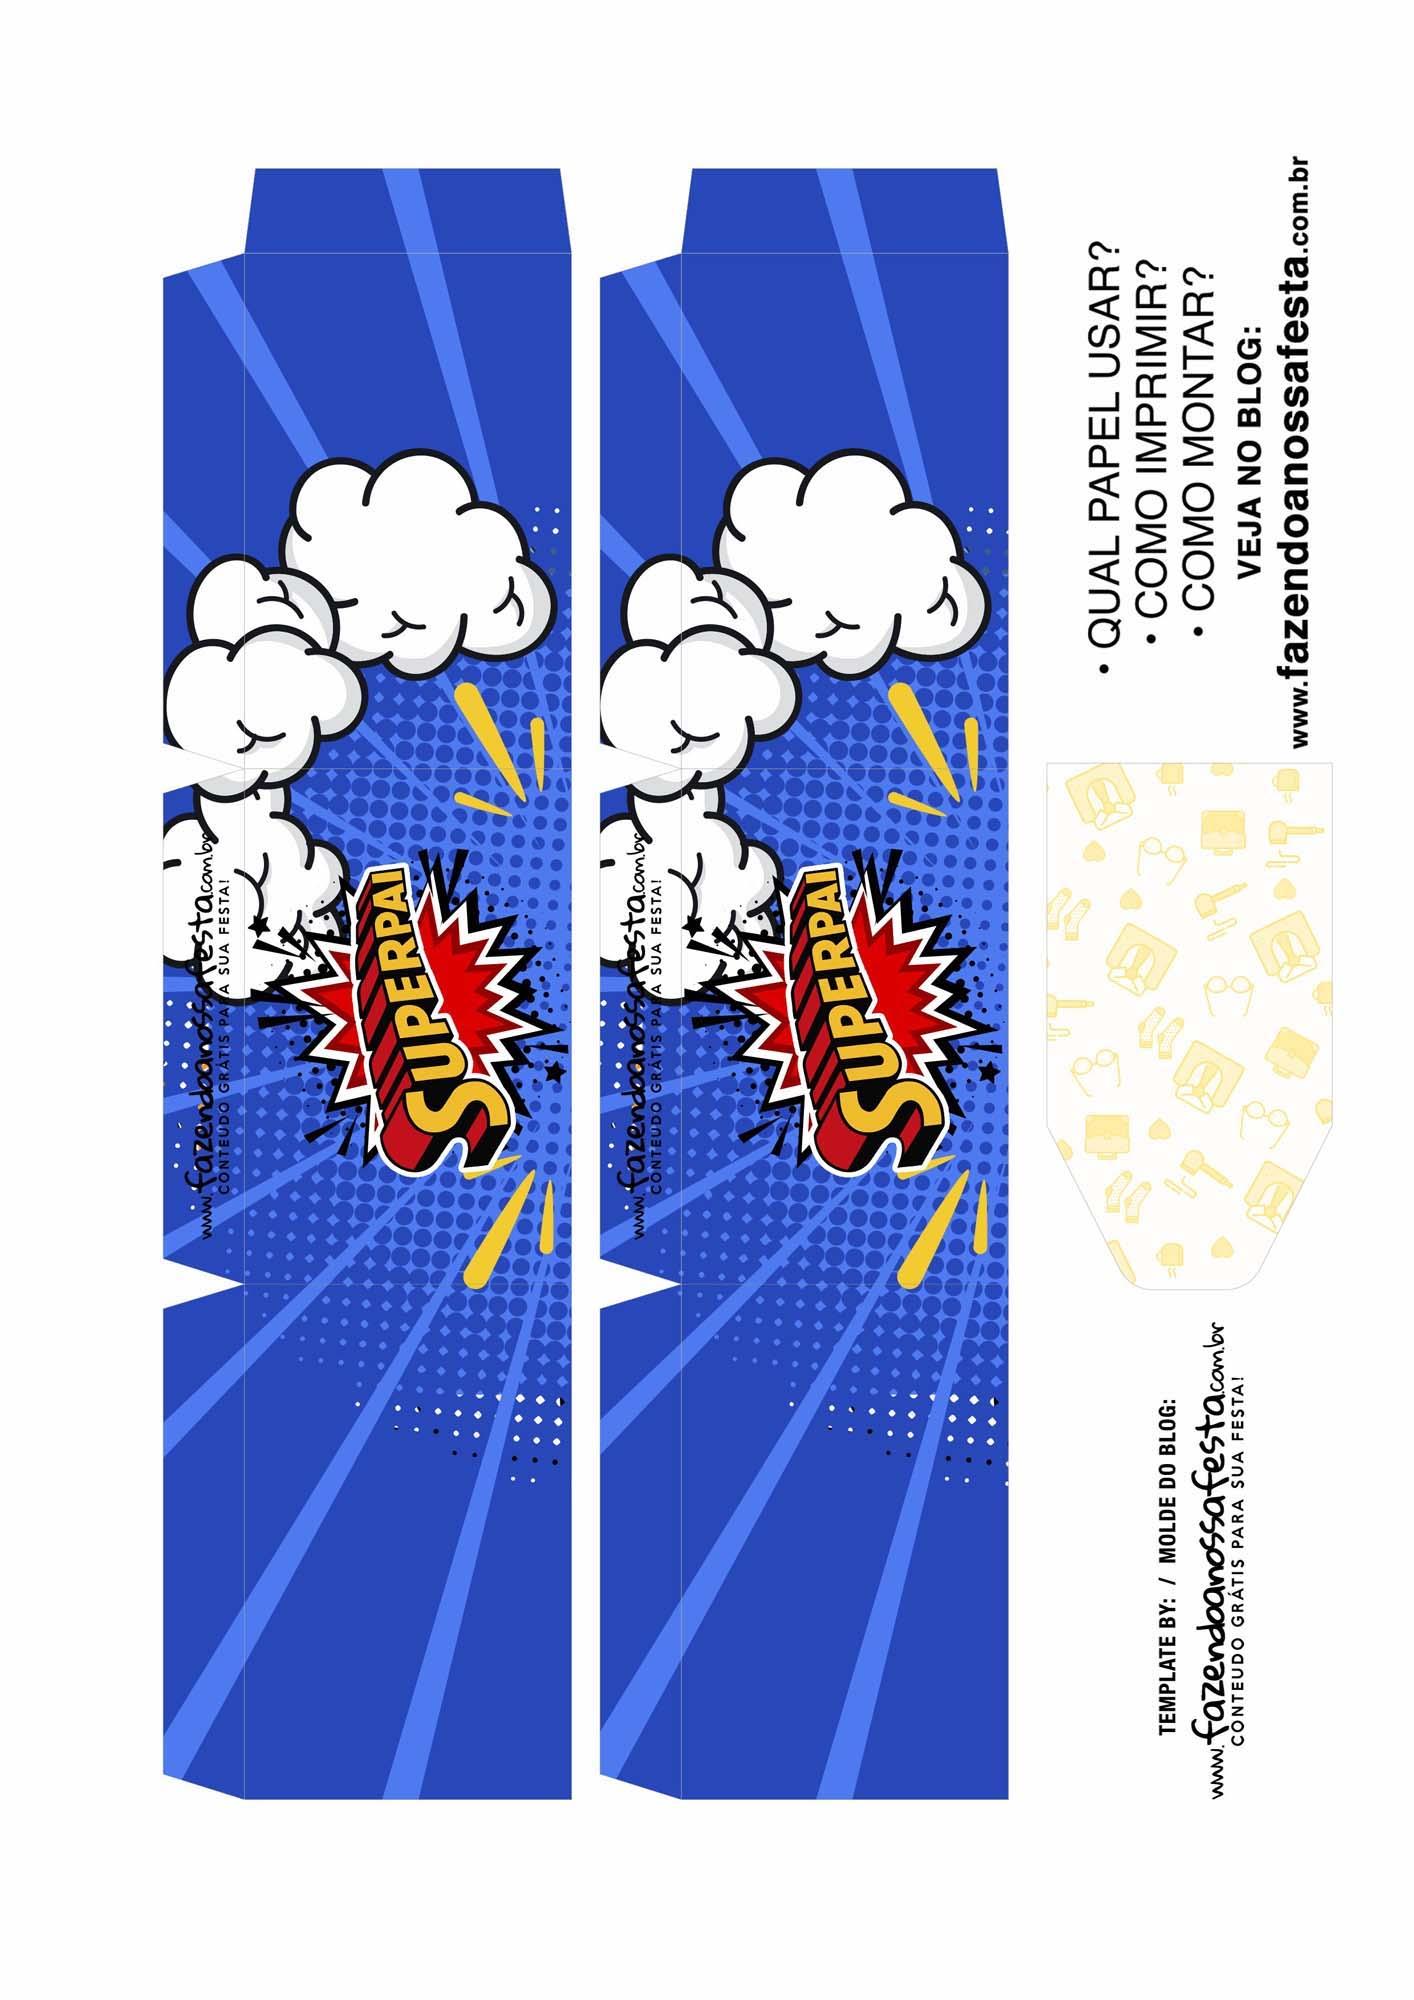 Caixa Explosiva Dia dos Pais Superpai 2